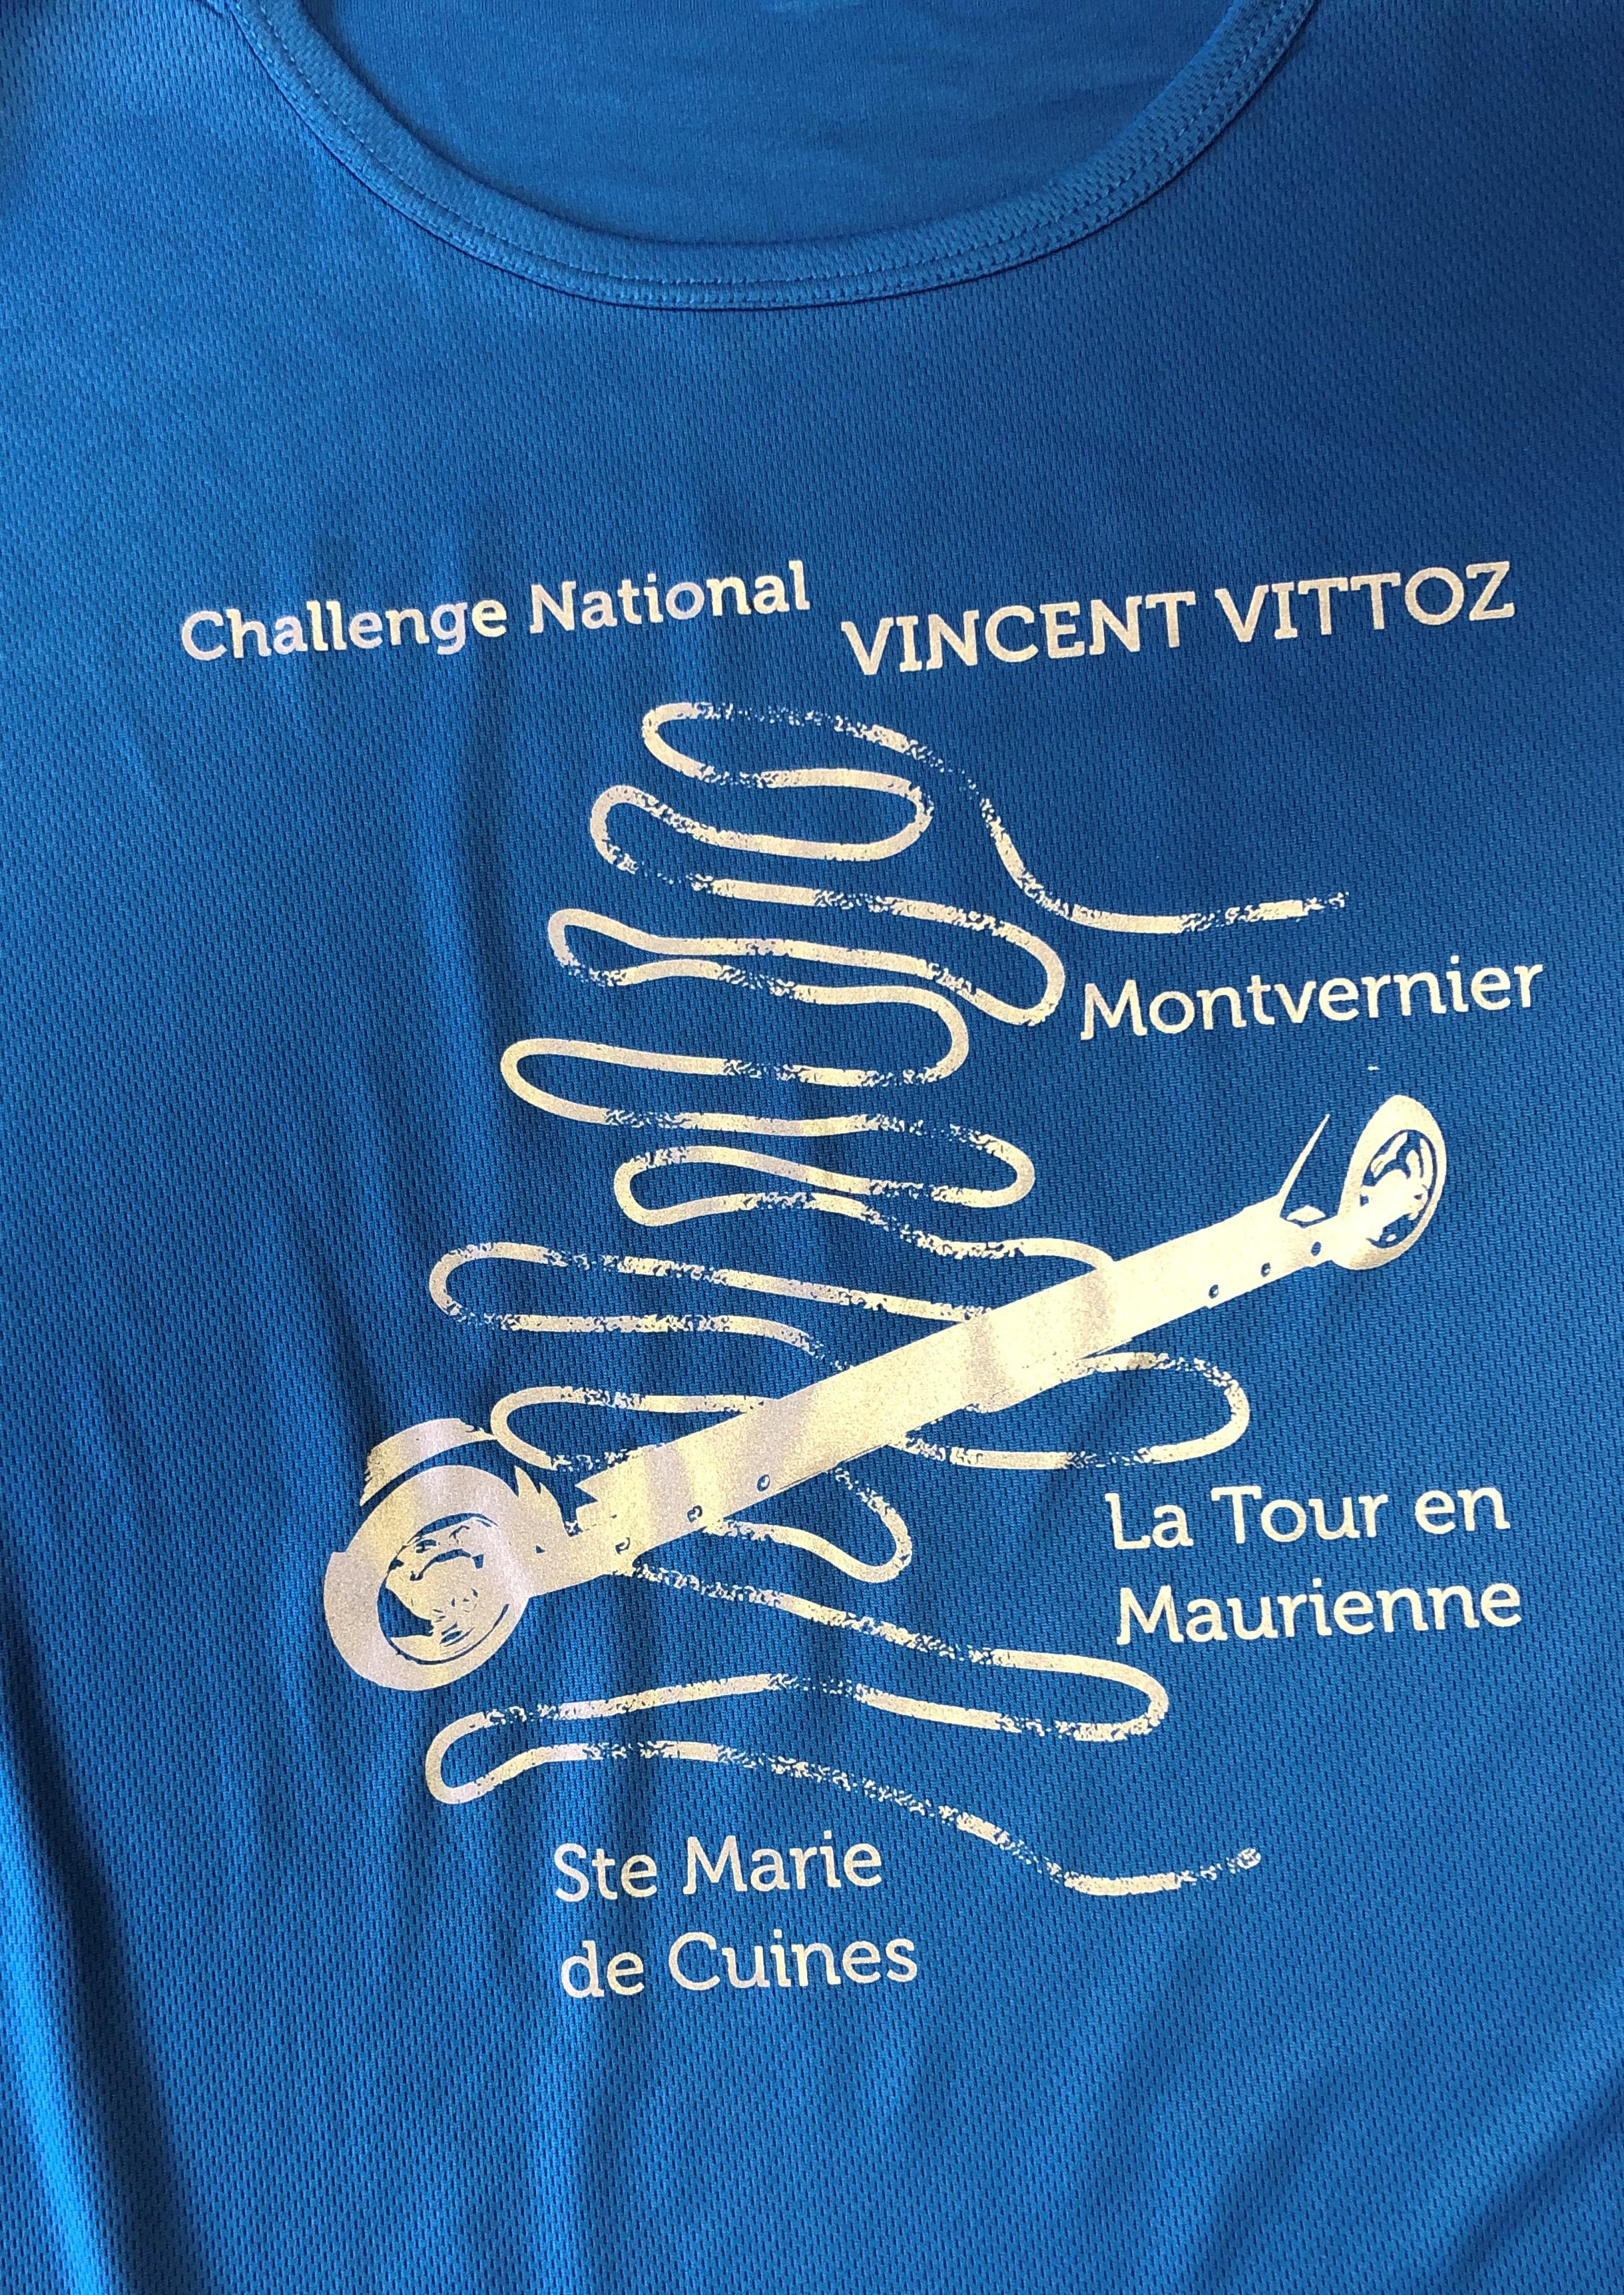 tee shirt mauriennisez vous chalenge vincent vittoz 2019